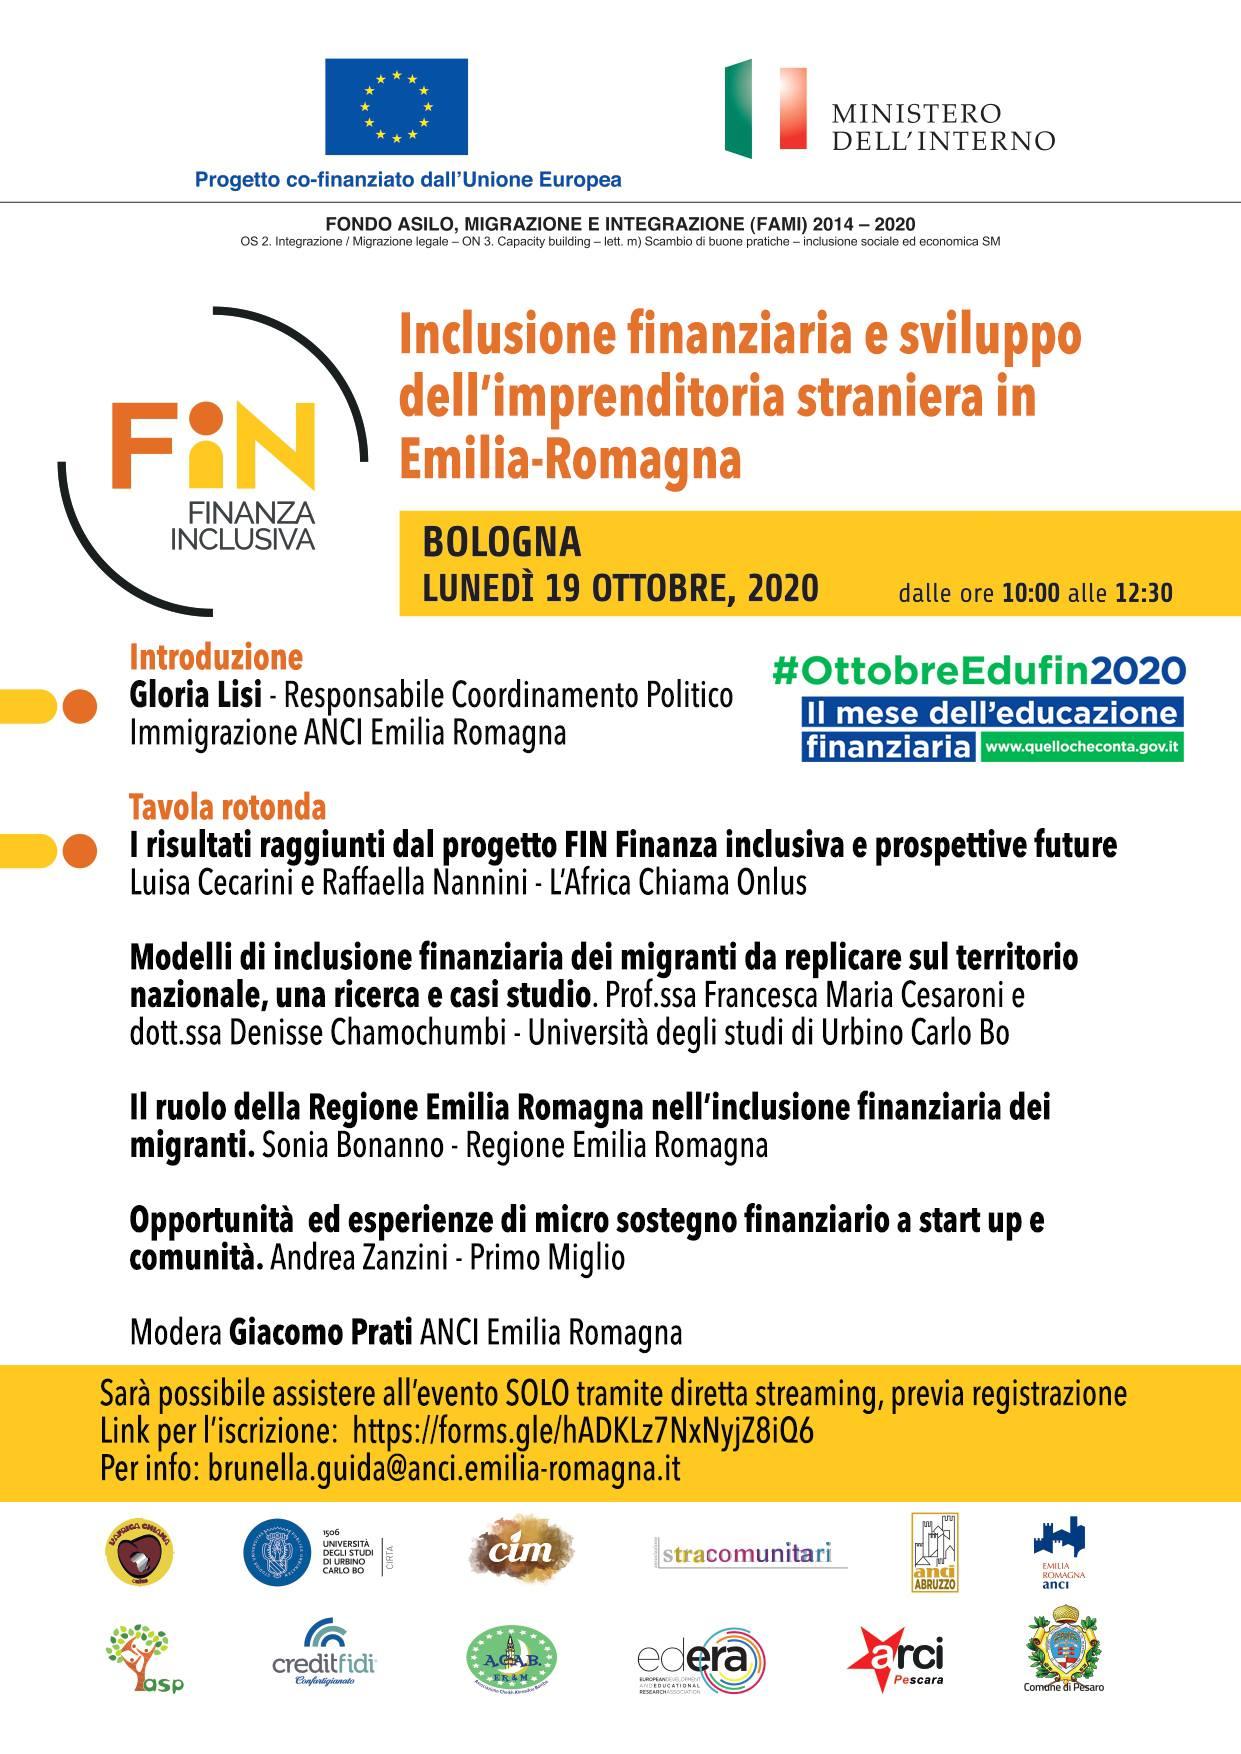 Inclusione finanziaria e sviluppo dell'imprenditoria straniera in Italia